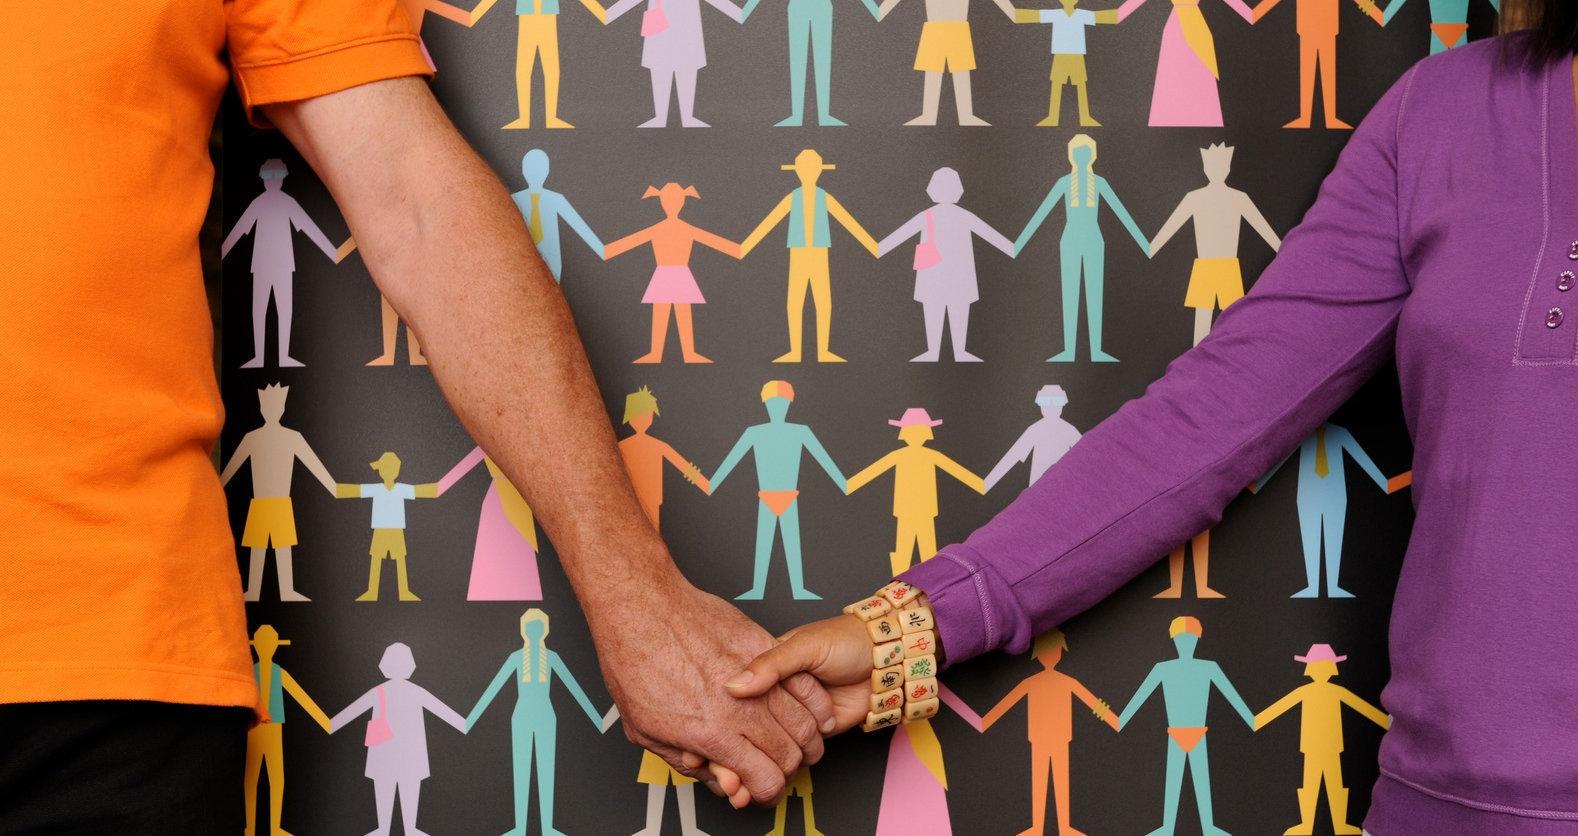 Zbuduj harmonijne relacje